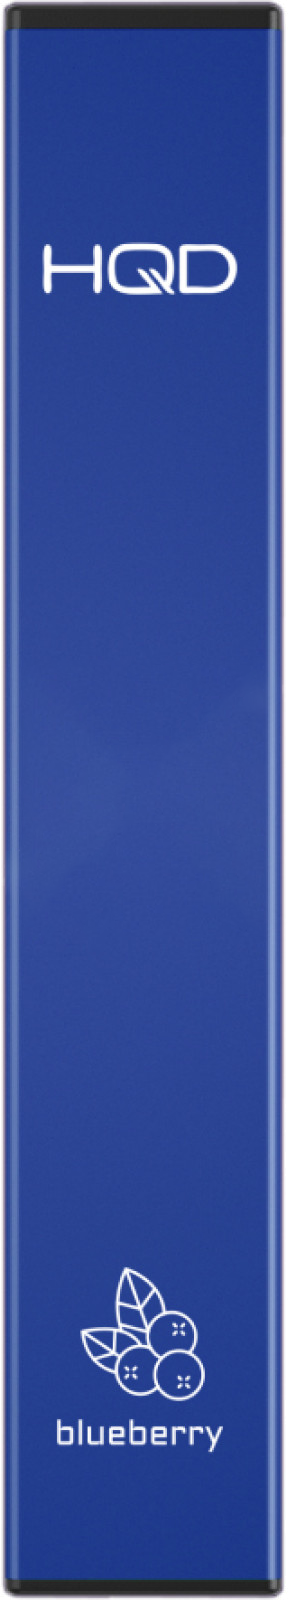 Купить электронную сигарету blueberry смотреть онлайн клип пачка сигарет